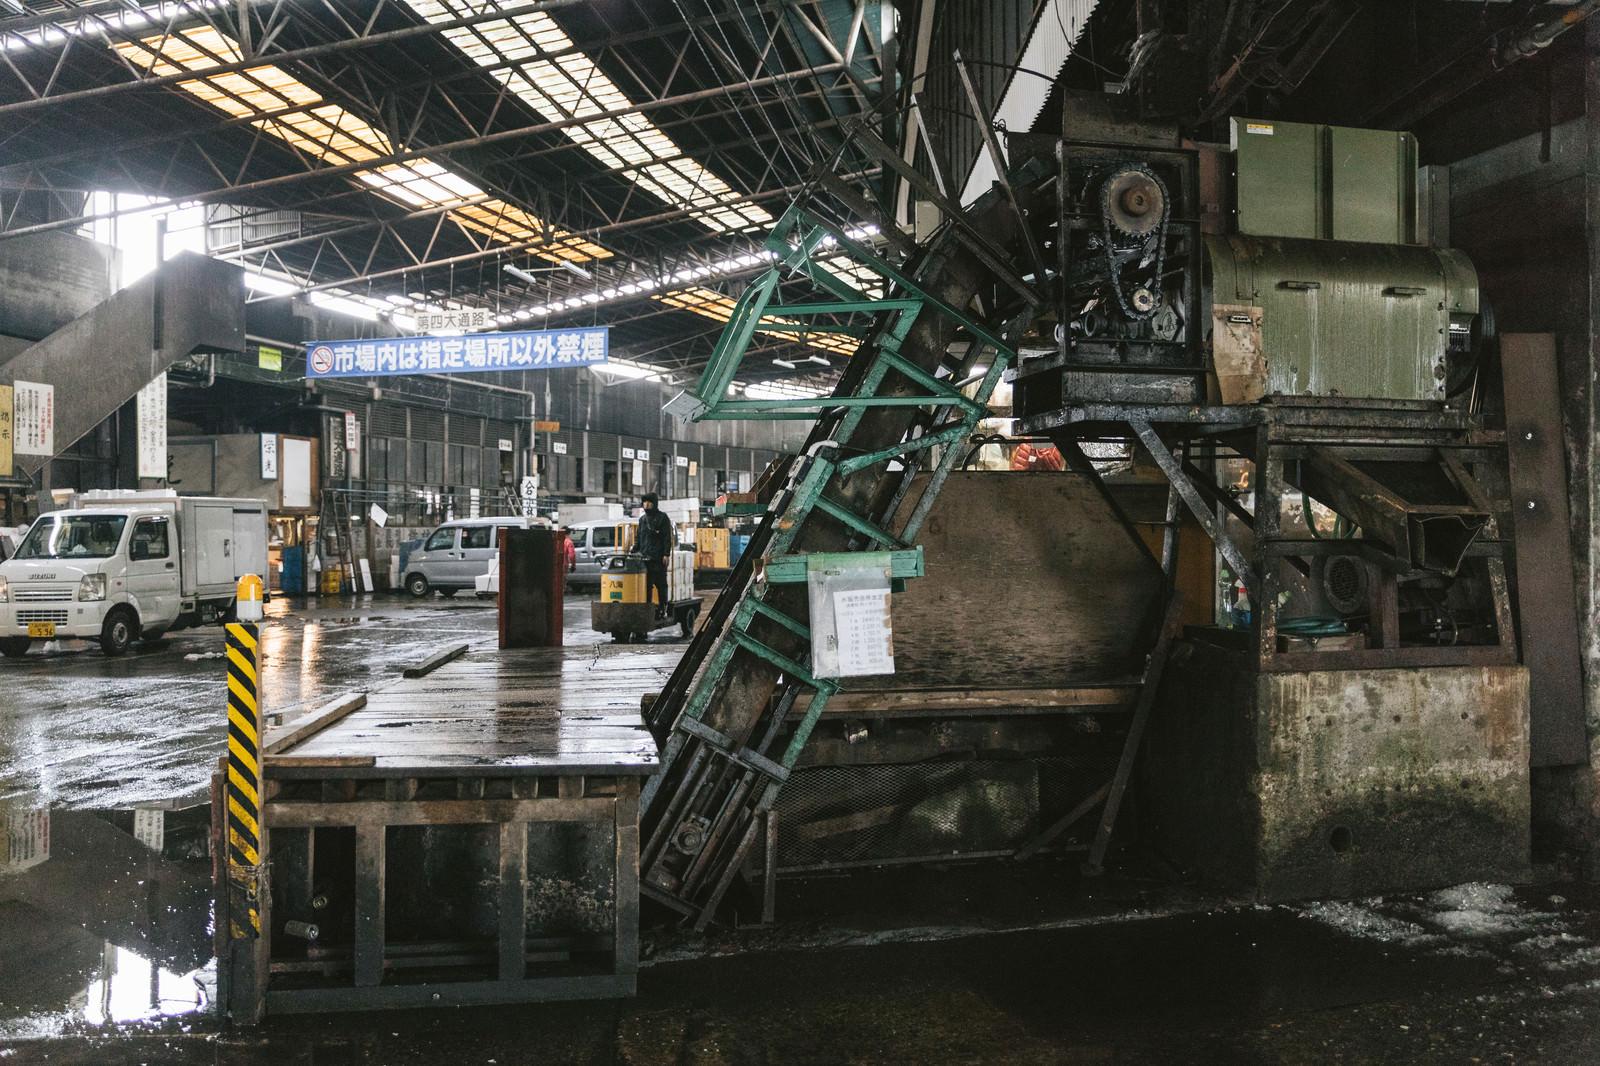 「築地市場内の使い込まれた機械 | 写真の無料素材・フリー素材 - ぱくたそ」の写真